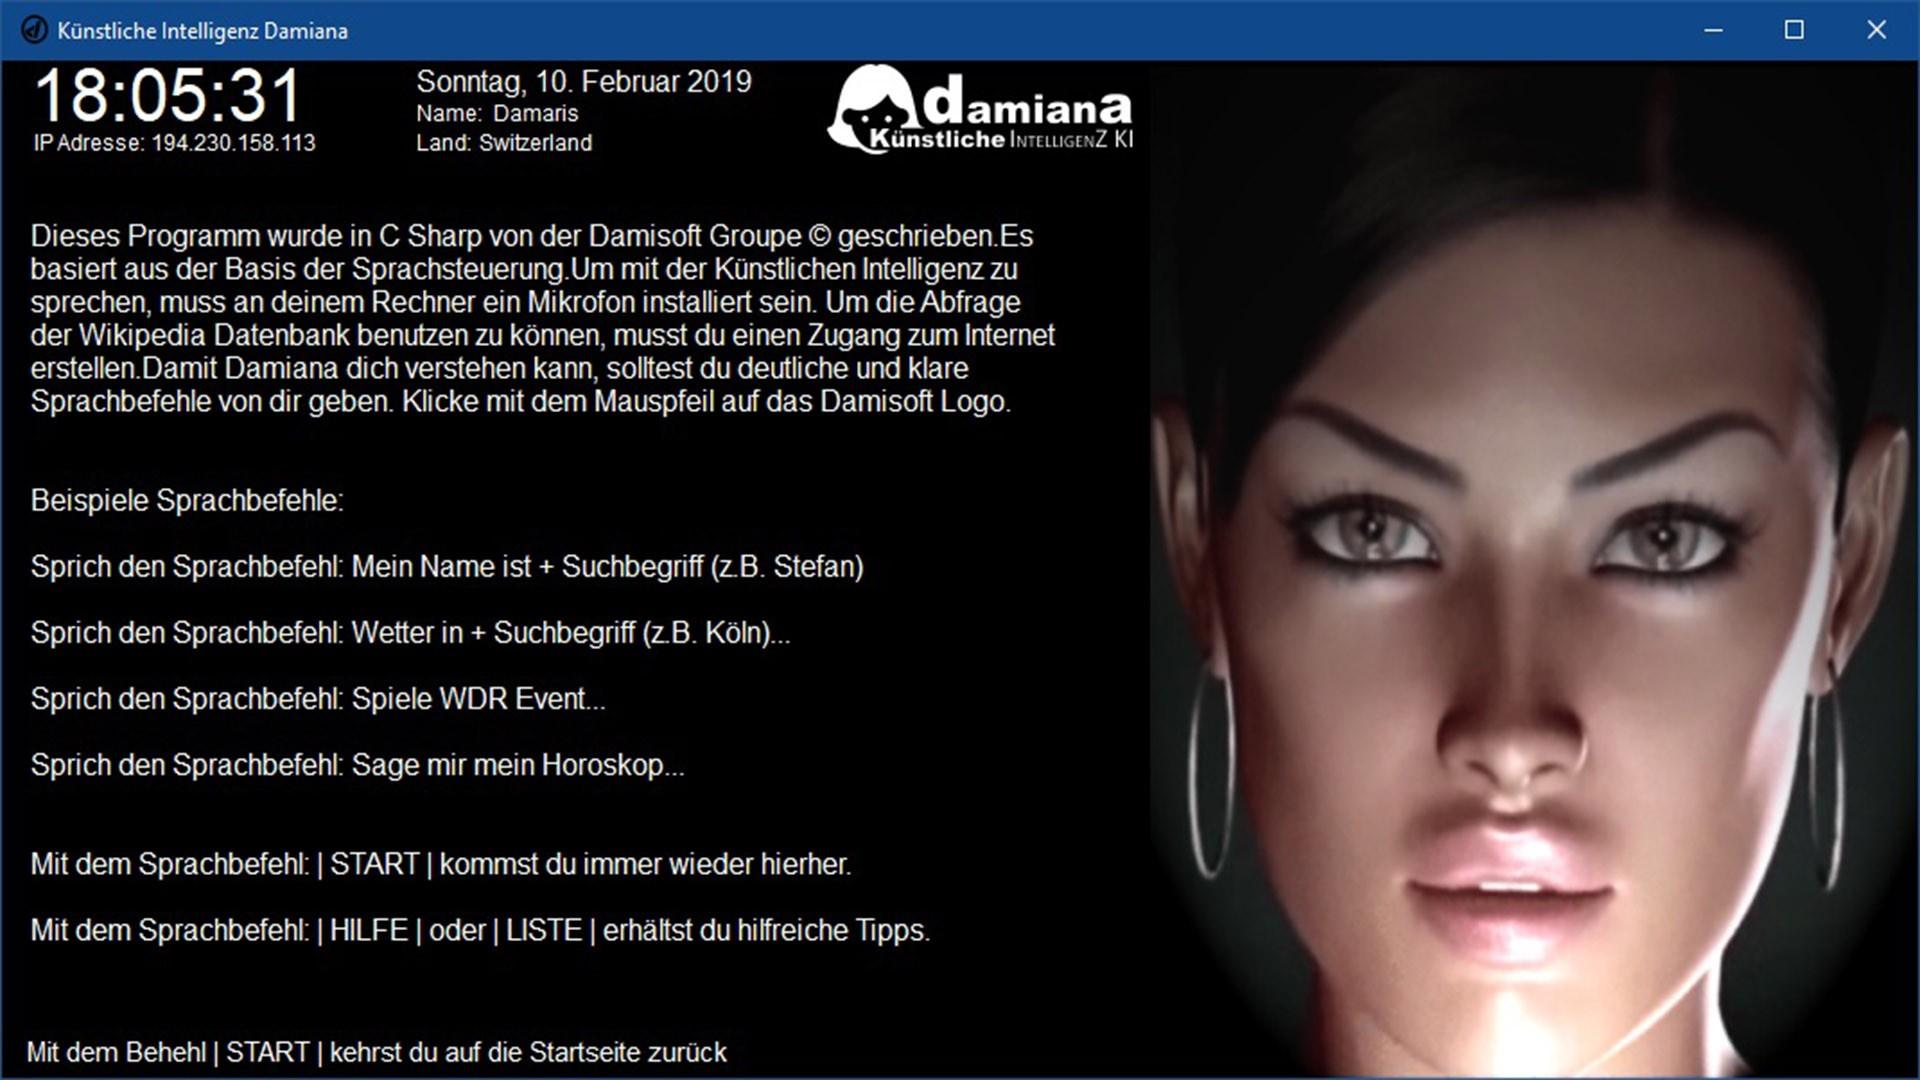 damiana künstliche intelligenz ki damisoft app programm frau bild c sharp anwendung beispiel